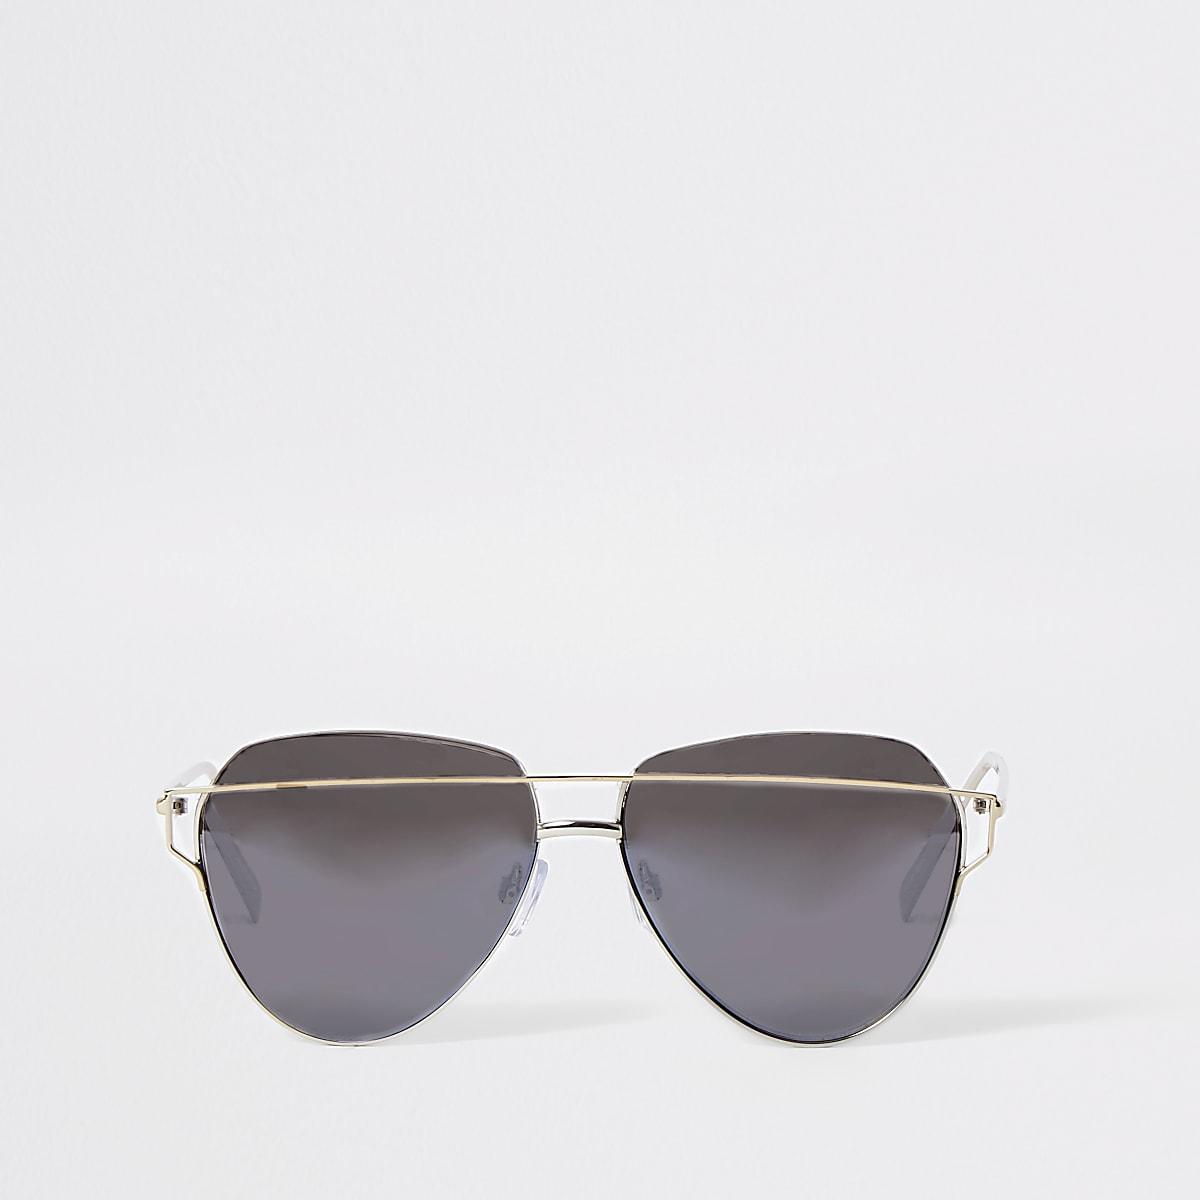 Silver grey lens aviator sunglasses